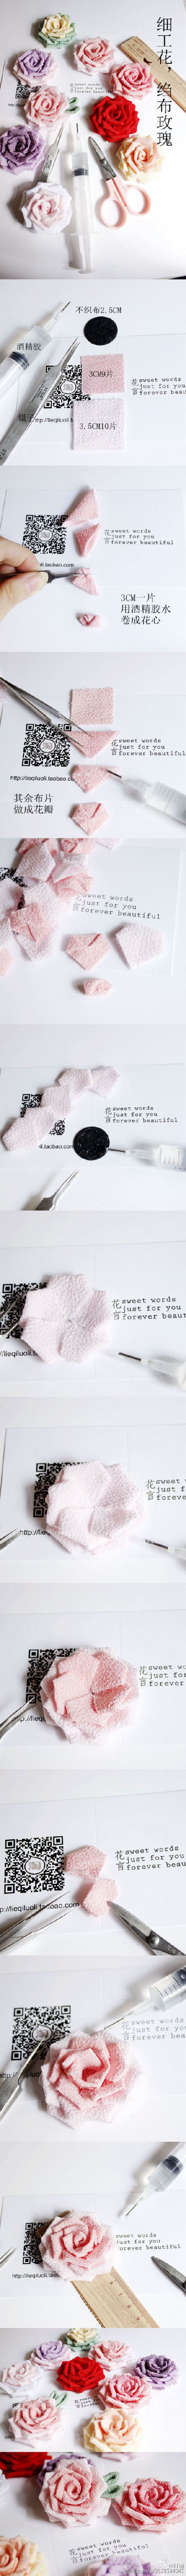 置顶 #细工花簪#最是那温柔的颜色,细腻的心思,在此奉上萌萌哒绉布玫瑰教程,此时此刻,可否和花言一起,做一朵属于自己的七夕玫瑰